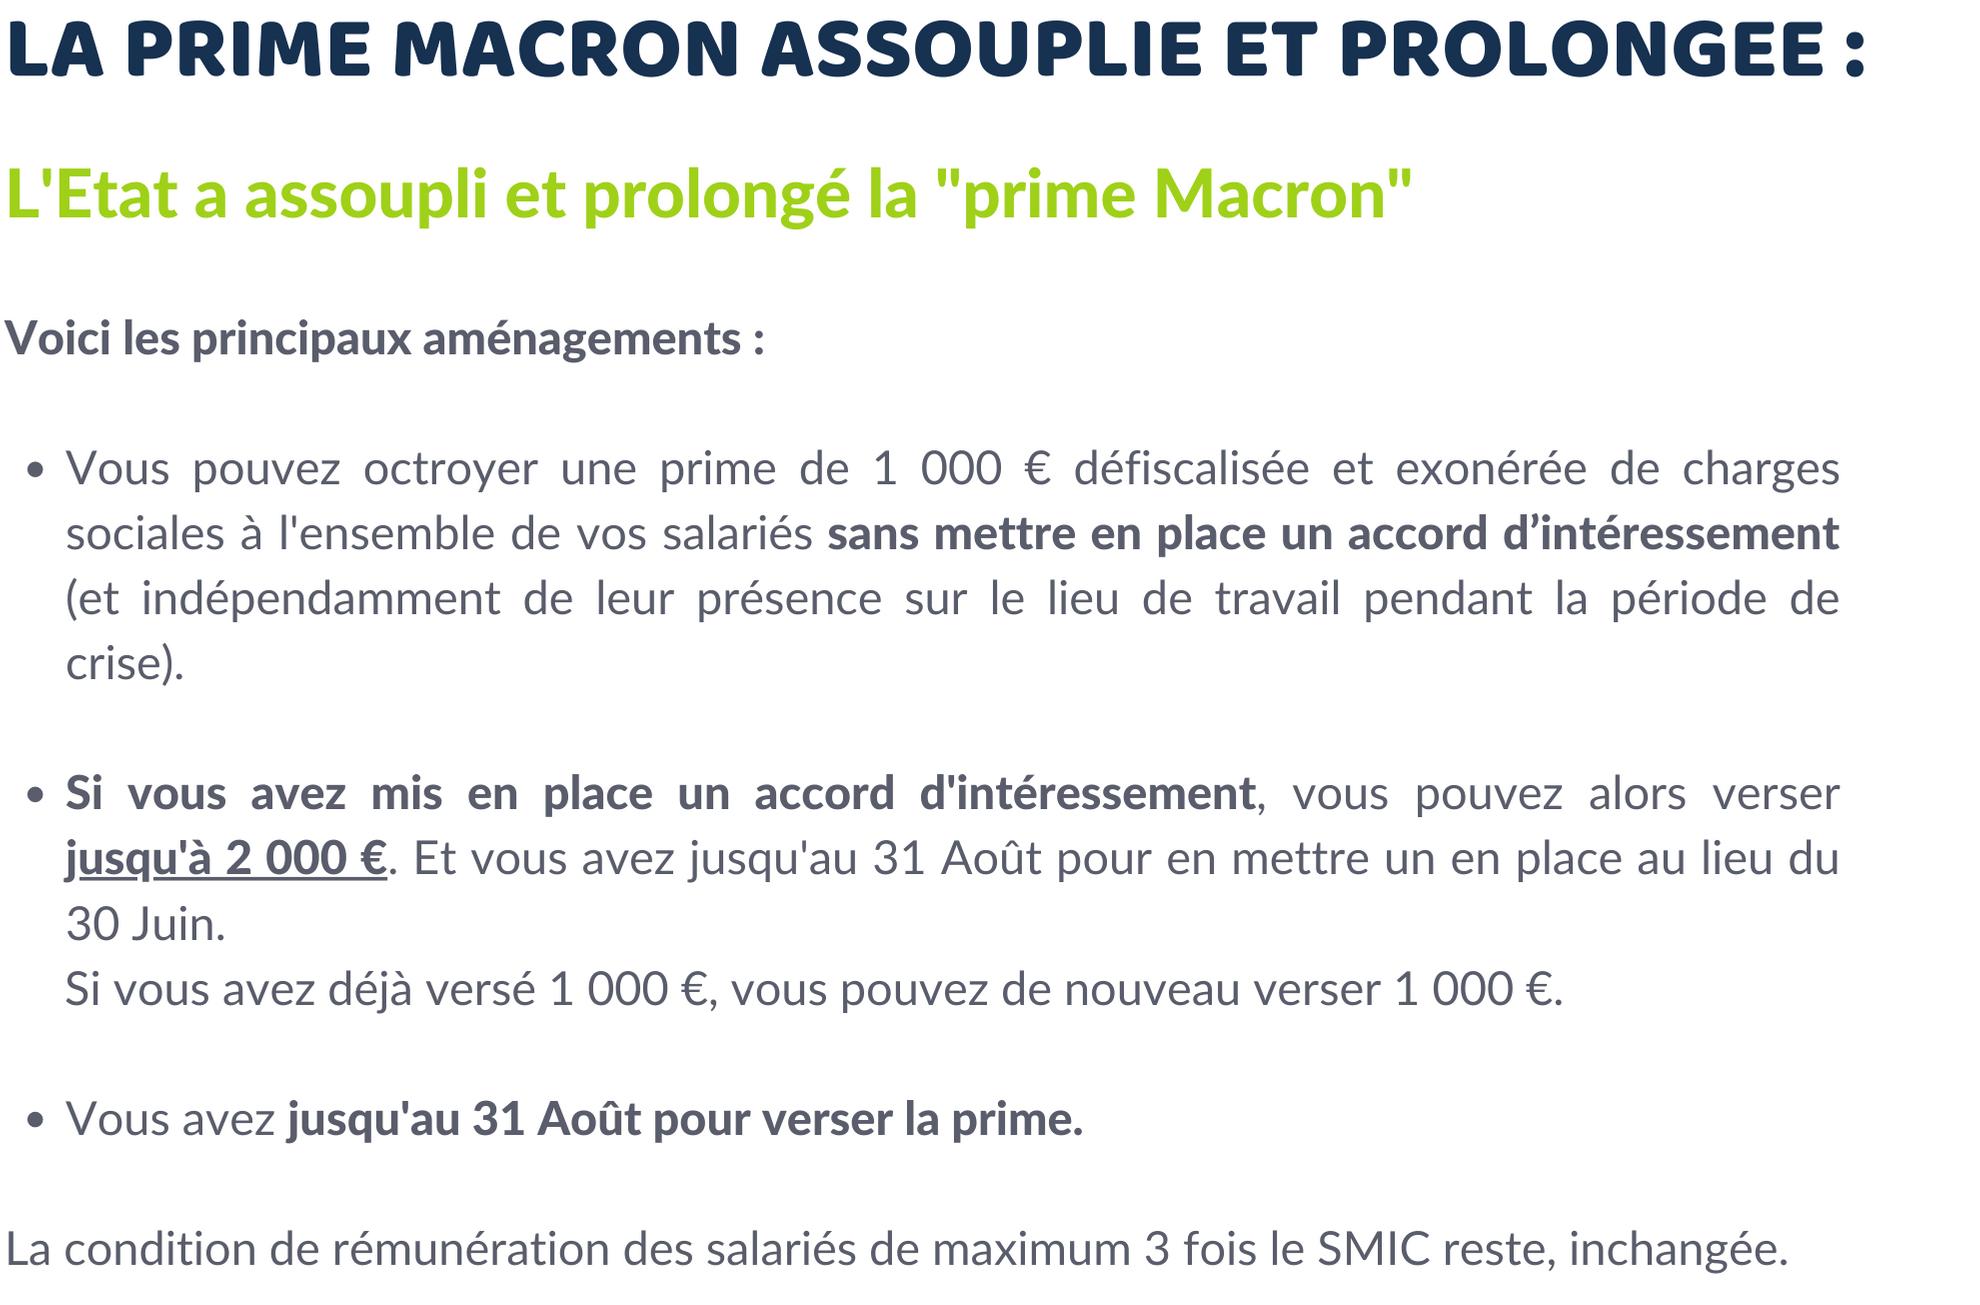 Prime Macron assouplie et prolongée